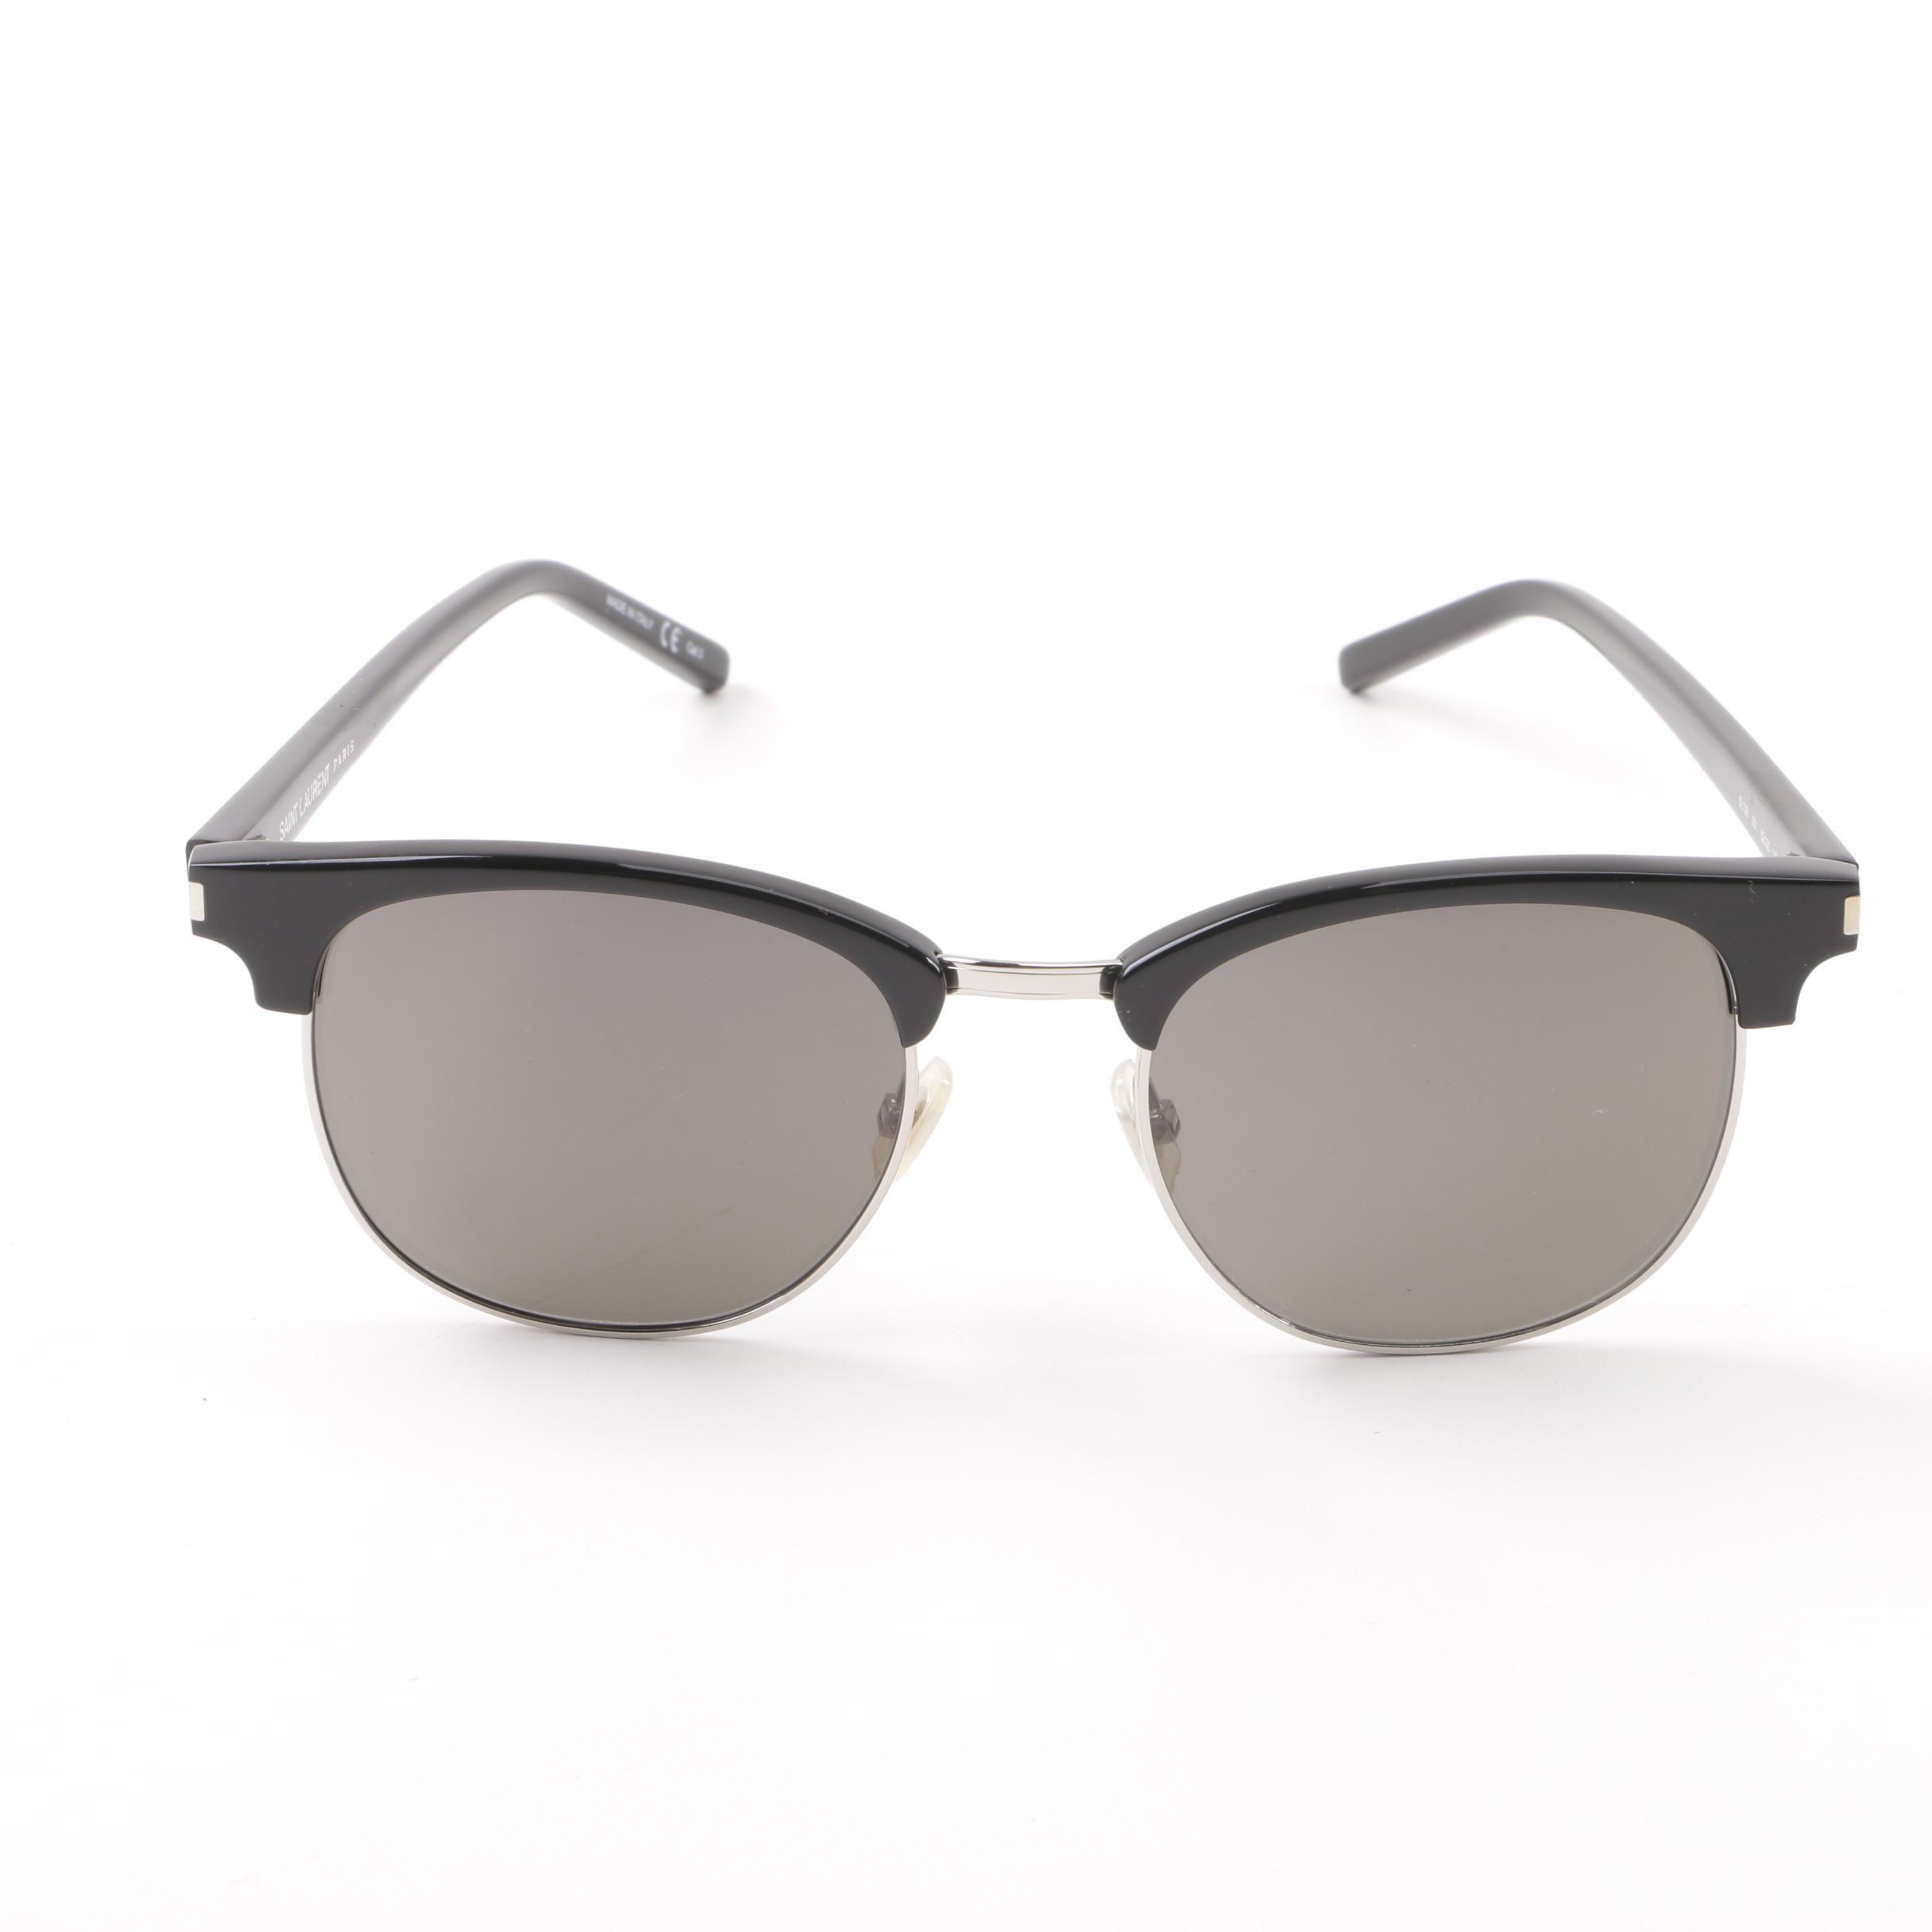 Saint Laurent Paris SL108 Browline Sunglasses with Case